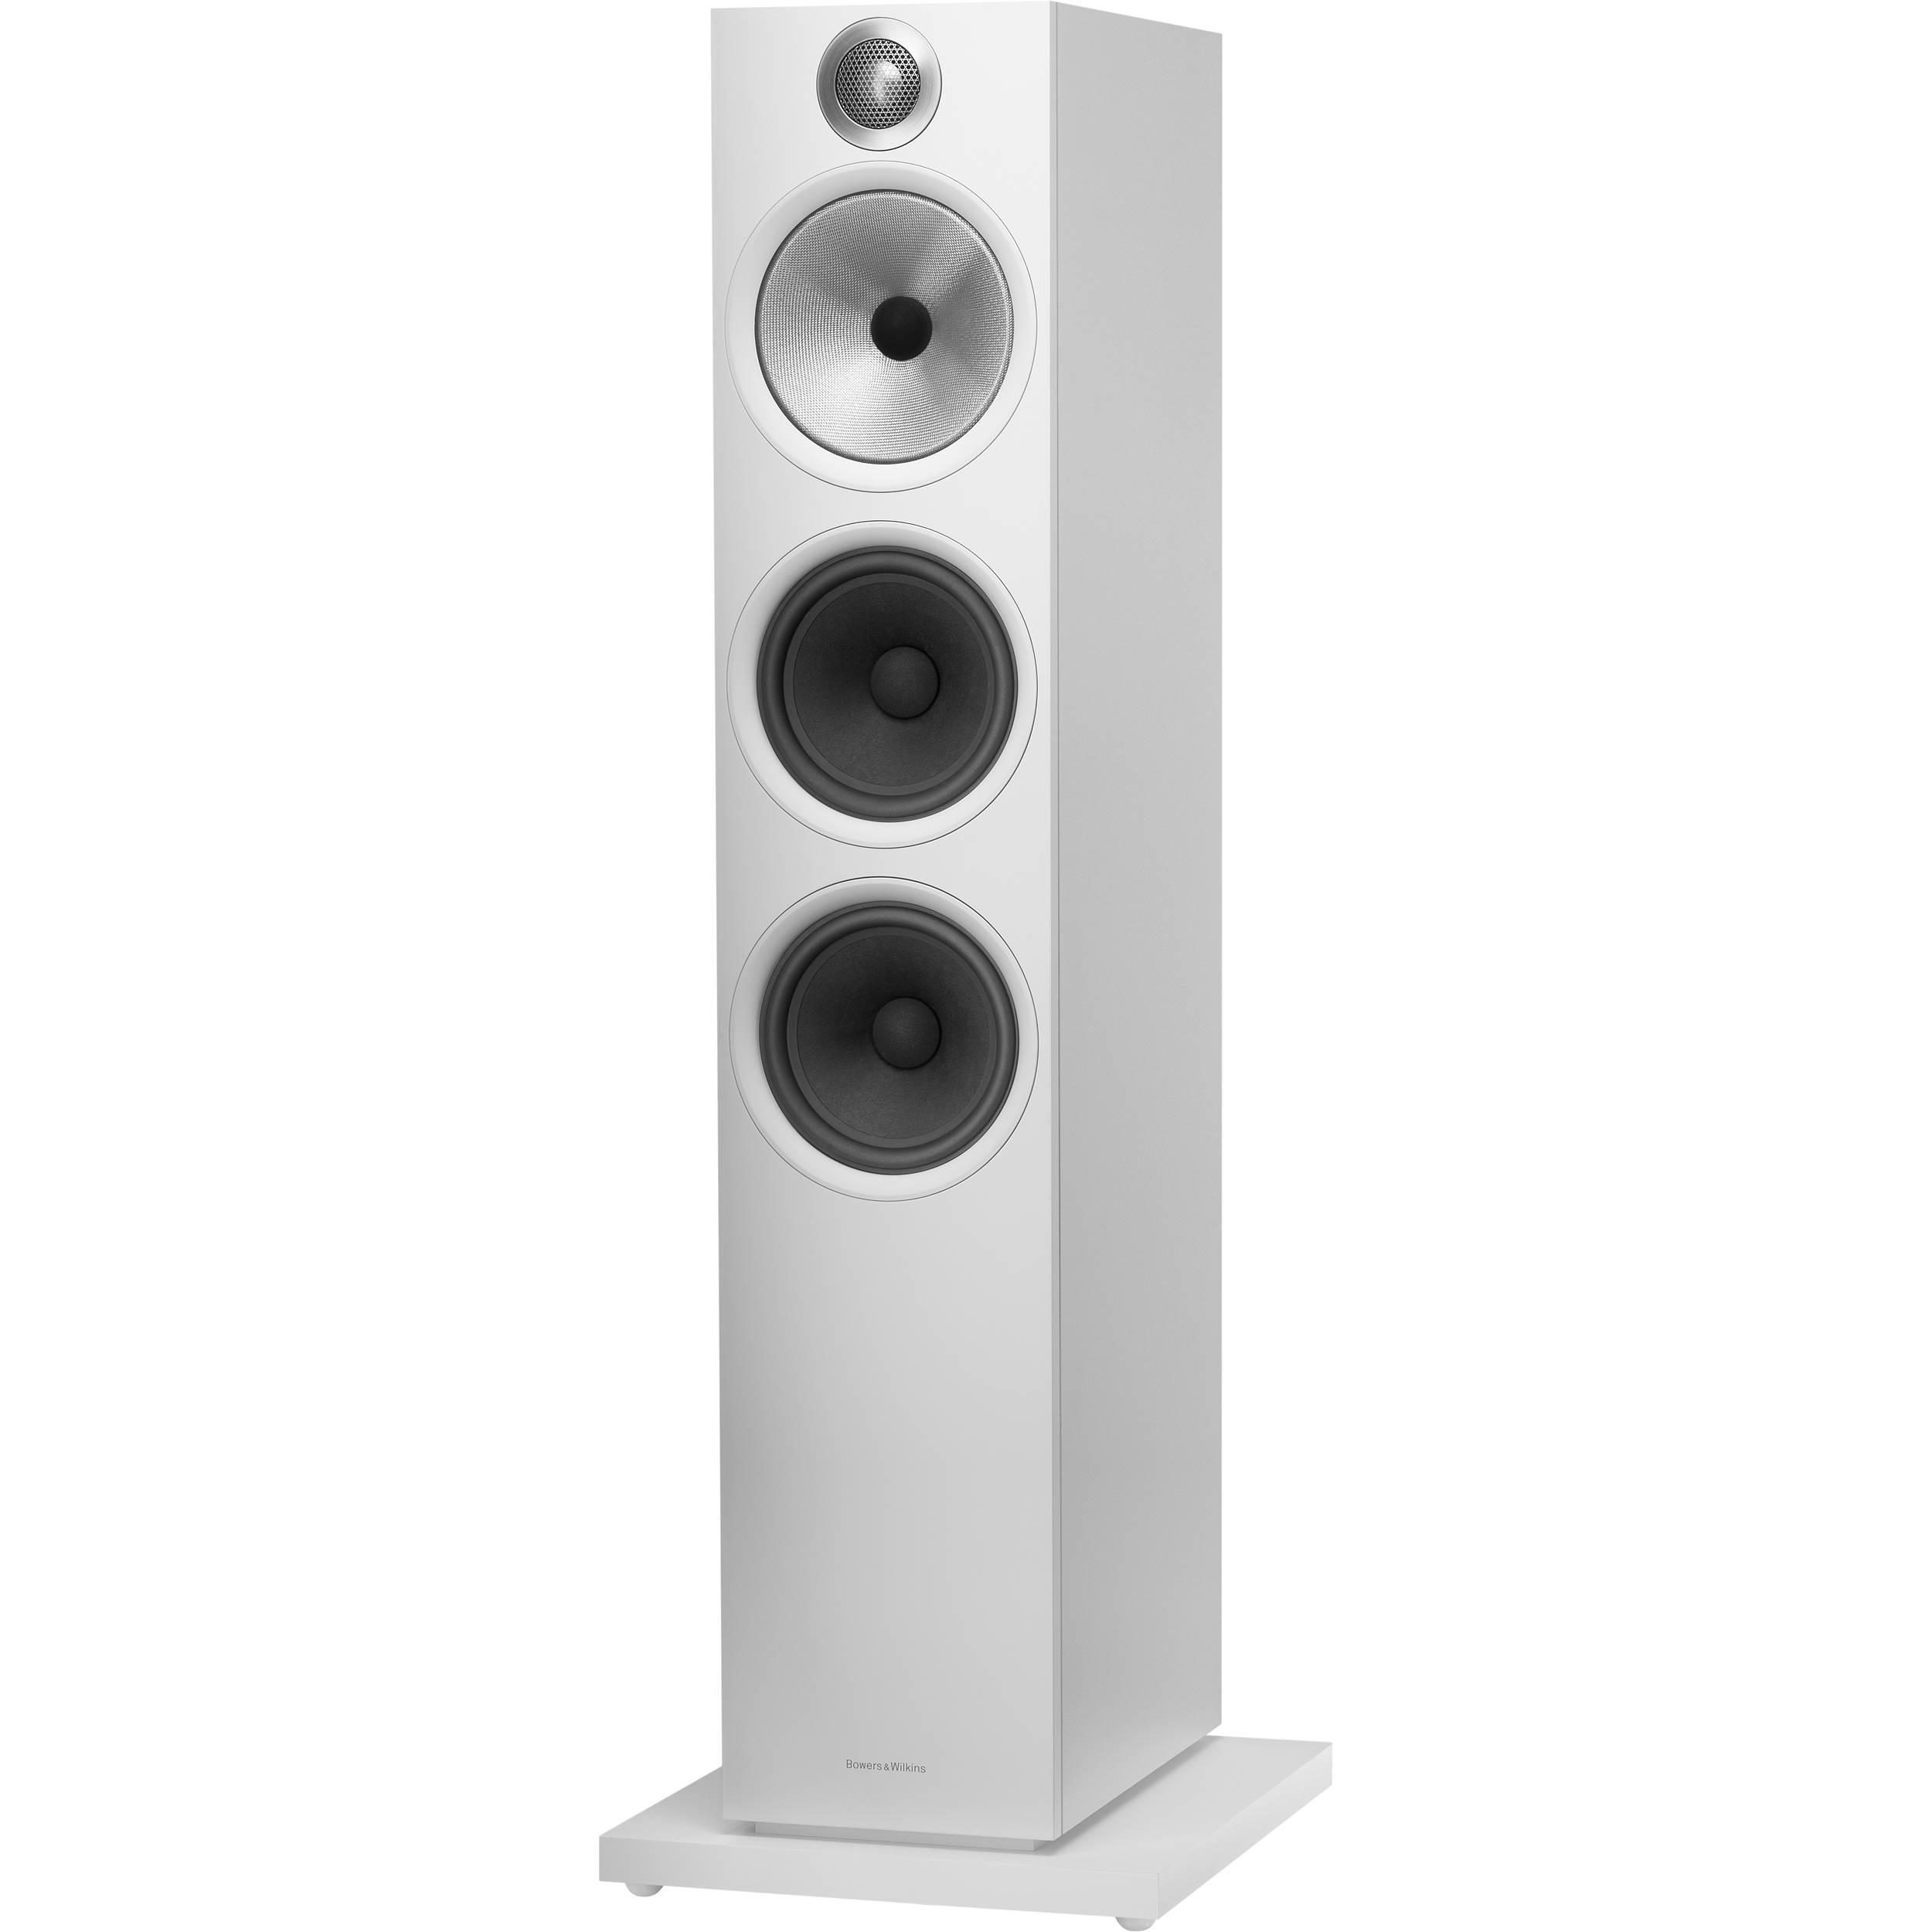 Bowers & Wilkins 603 3-Way Floorstanding Speaker